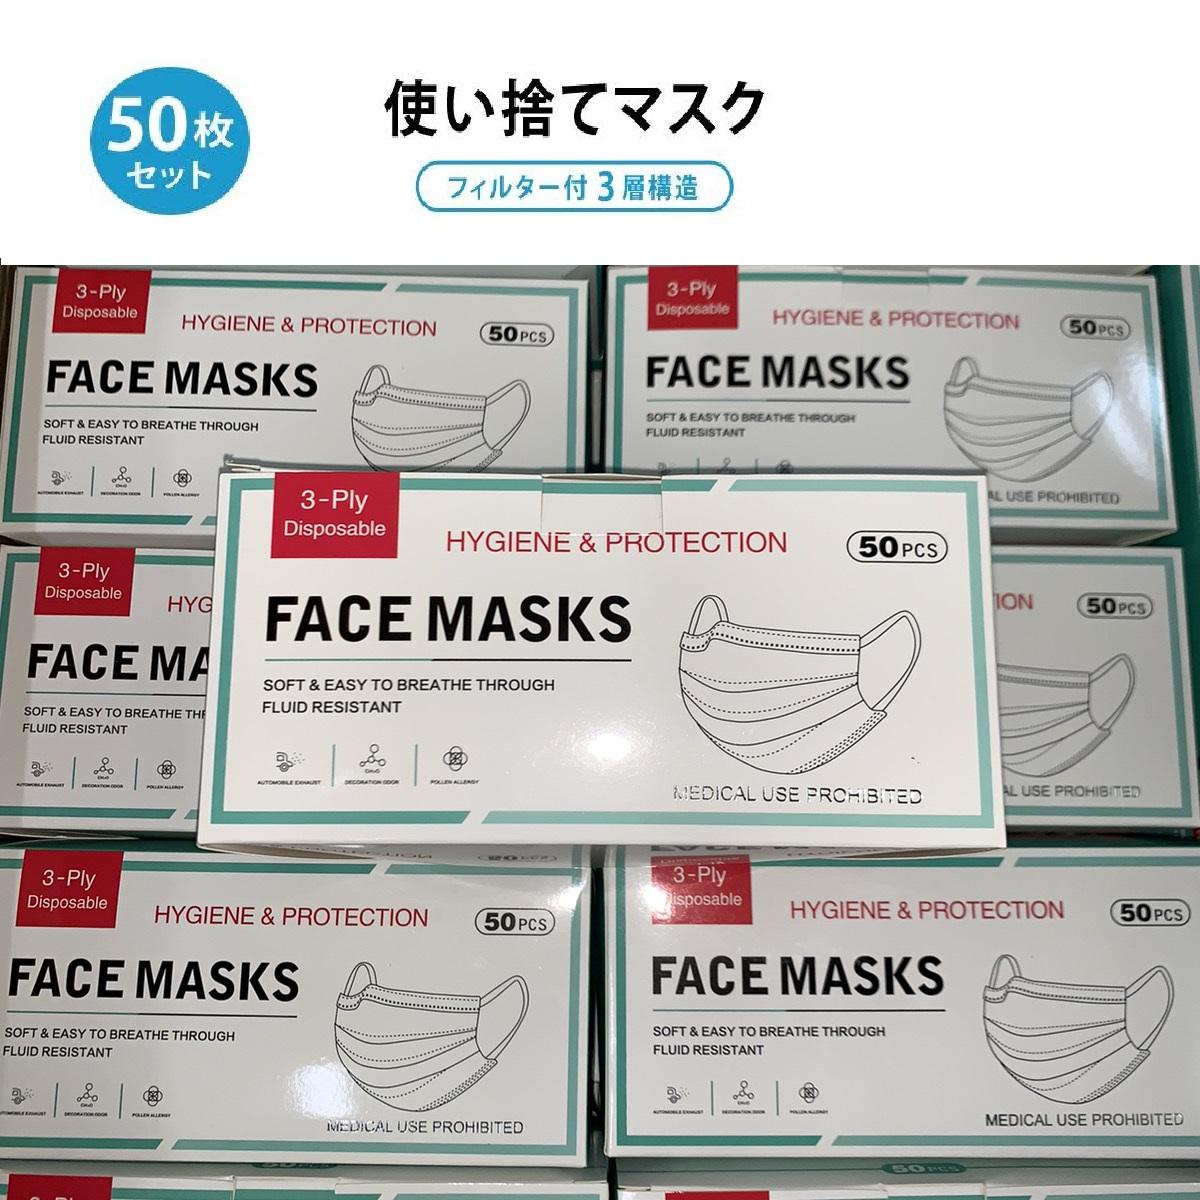 スニーカーケースのコロナ対策 お気に入 使い切りマスク 100%品質保証! あす楽 50枚入マスク 男女兼用 大人用 3層構造 プリーツタイプ ウイルス 使い捨て 予防 保護 レギュラーサイズ 衛生 ノーズワイヤー